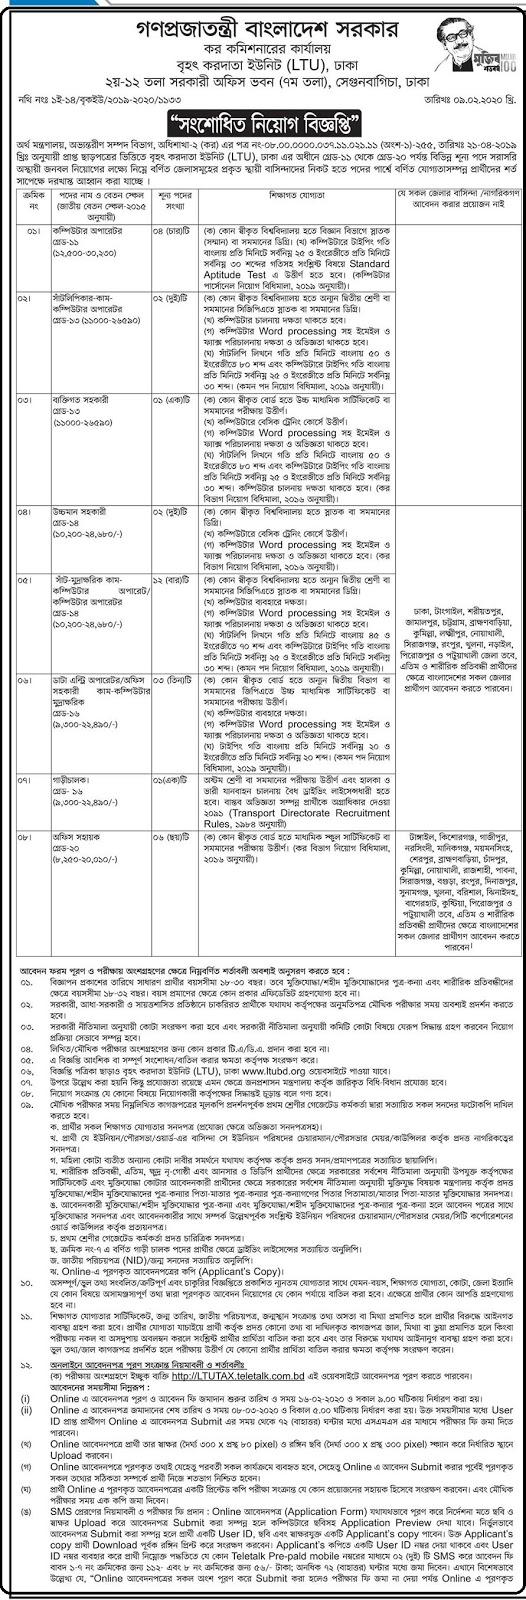 কর কমিশনার কার্যালয় নিয়োগ বিজ্ঞপ্তি ২০২০-Tax Commissioner's Office Job Circular 2020